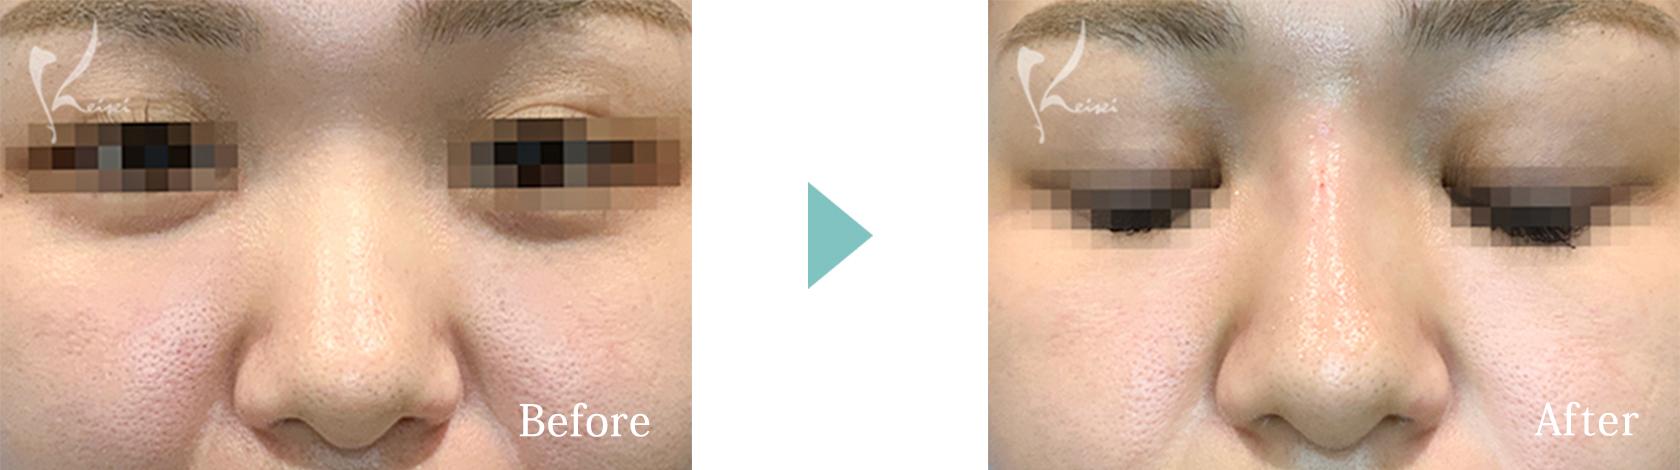 鼻ヒアルロン酸注入の症例2 正面からの画像